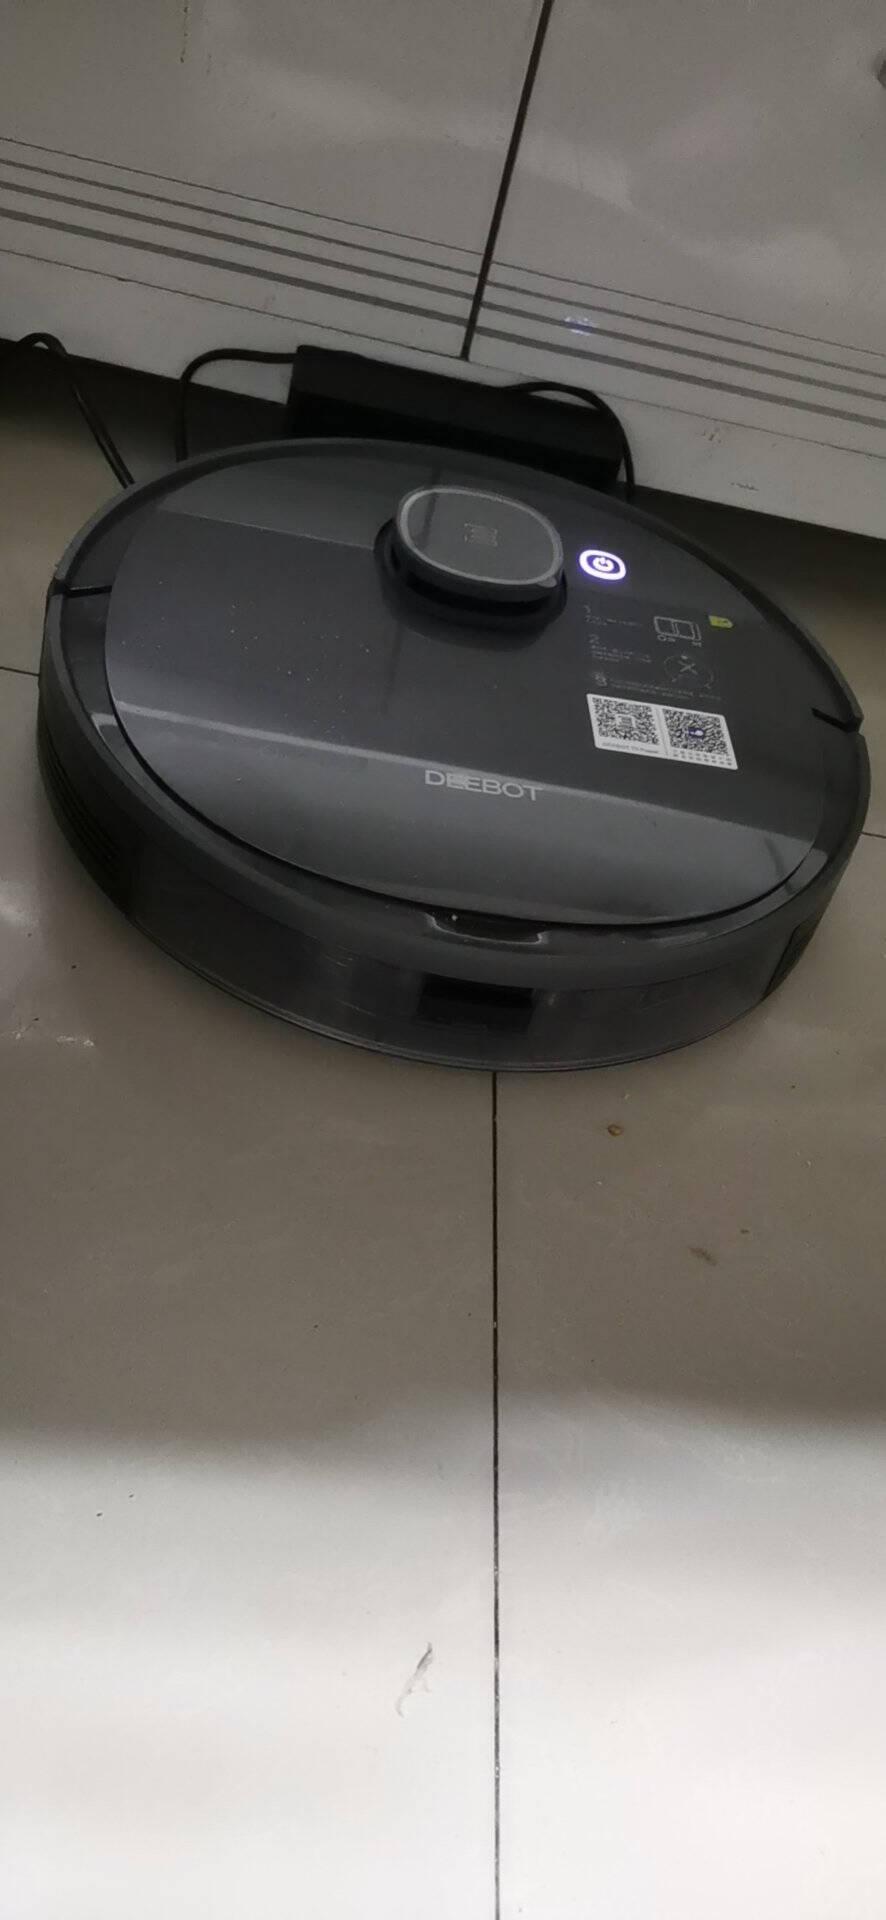 科沃斯Ecovacs地宝T8AIVI+扫地机器人扫拖一体机智能家用吸尘器激光导航规划全自动洗擦拖地机DBX11-31